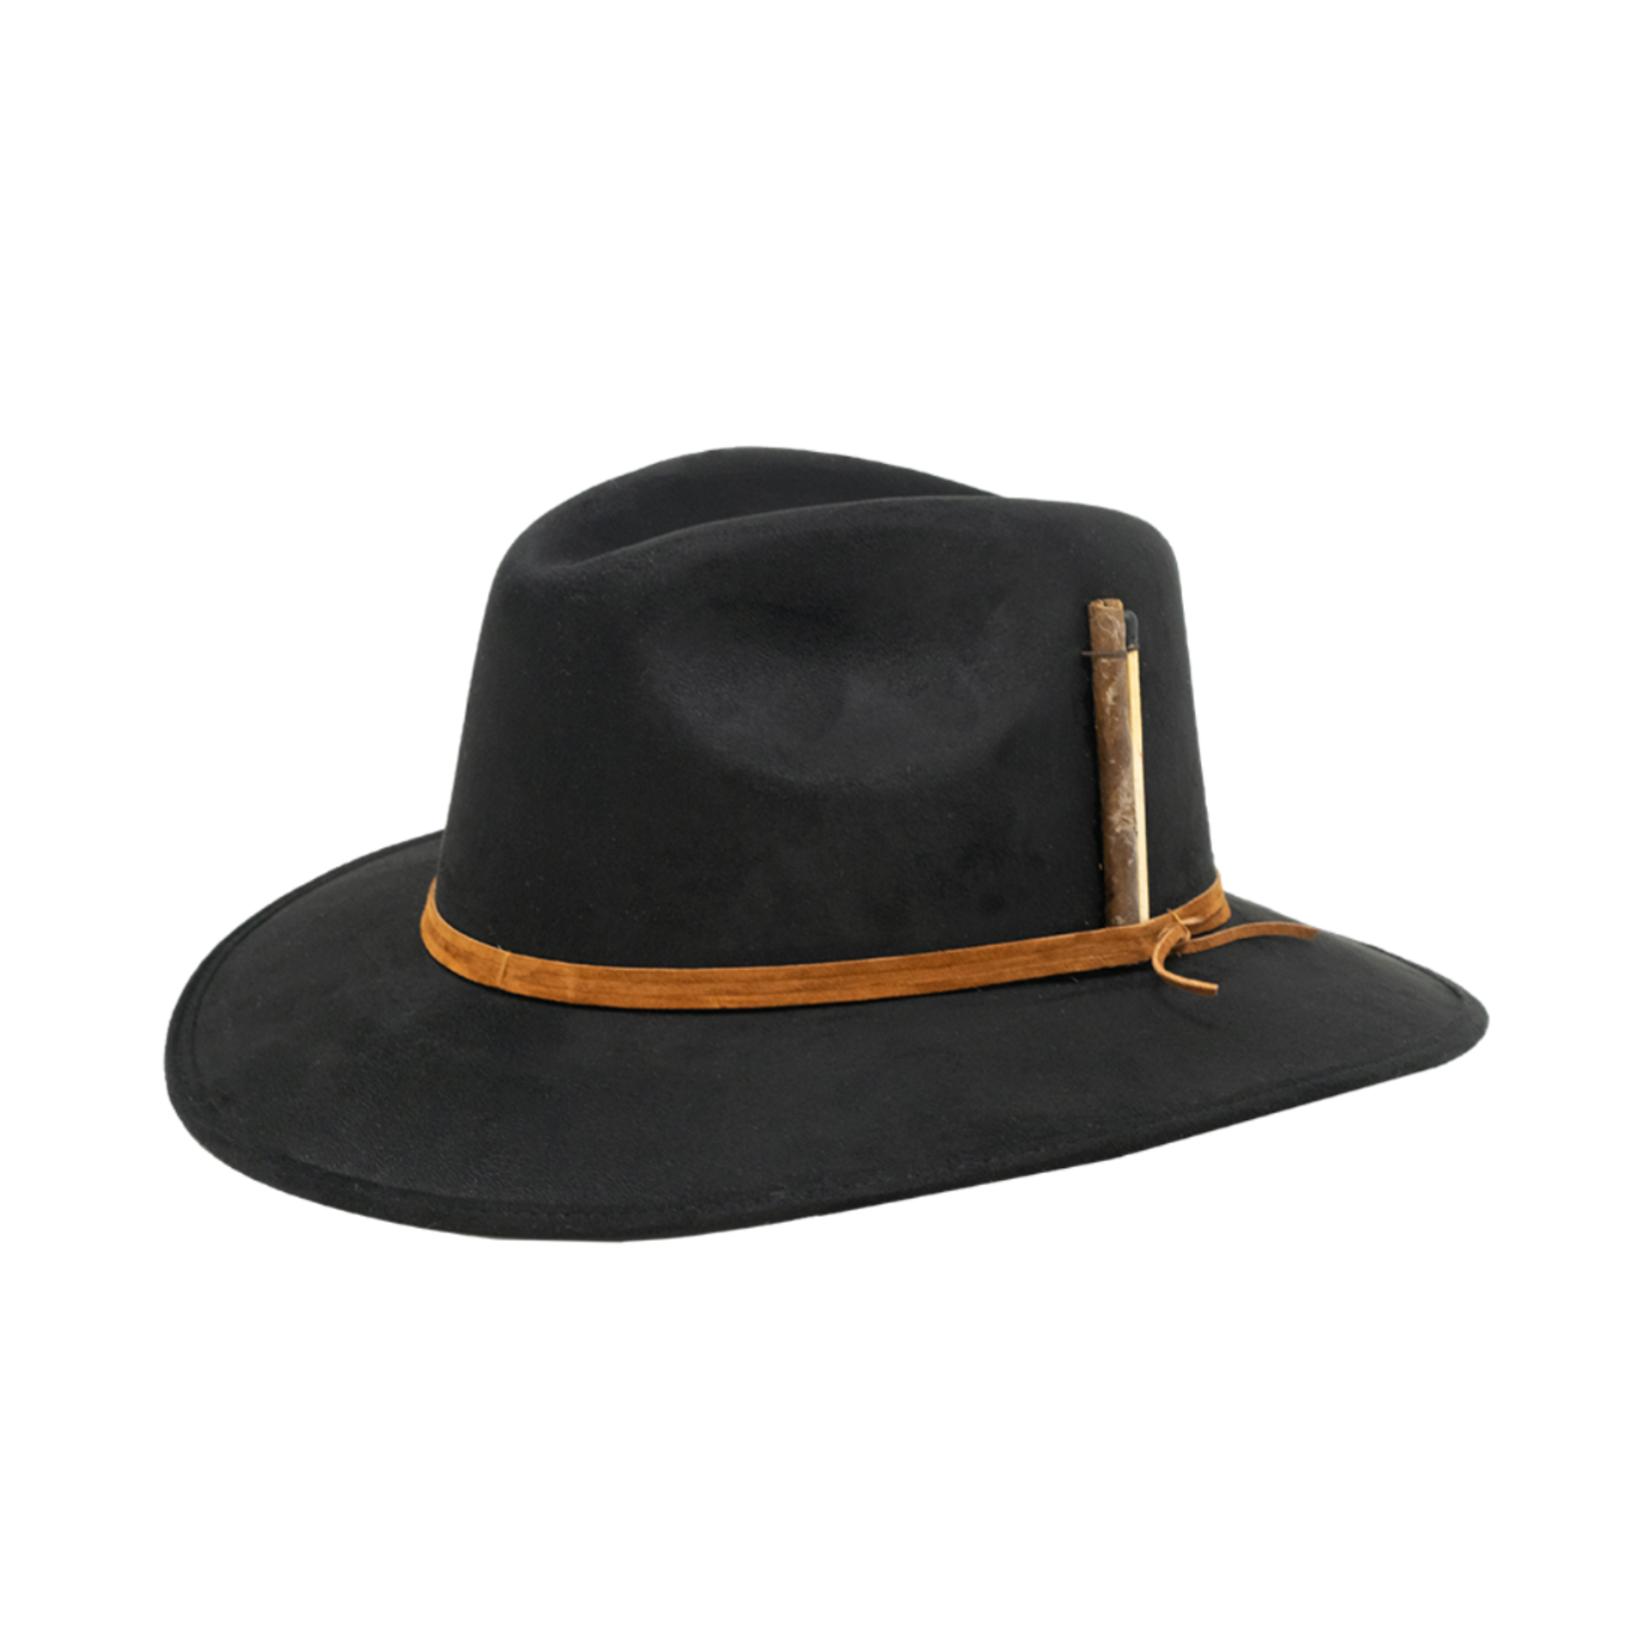 Tuluminati Habana Hat Black Suede